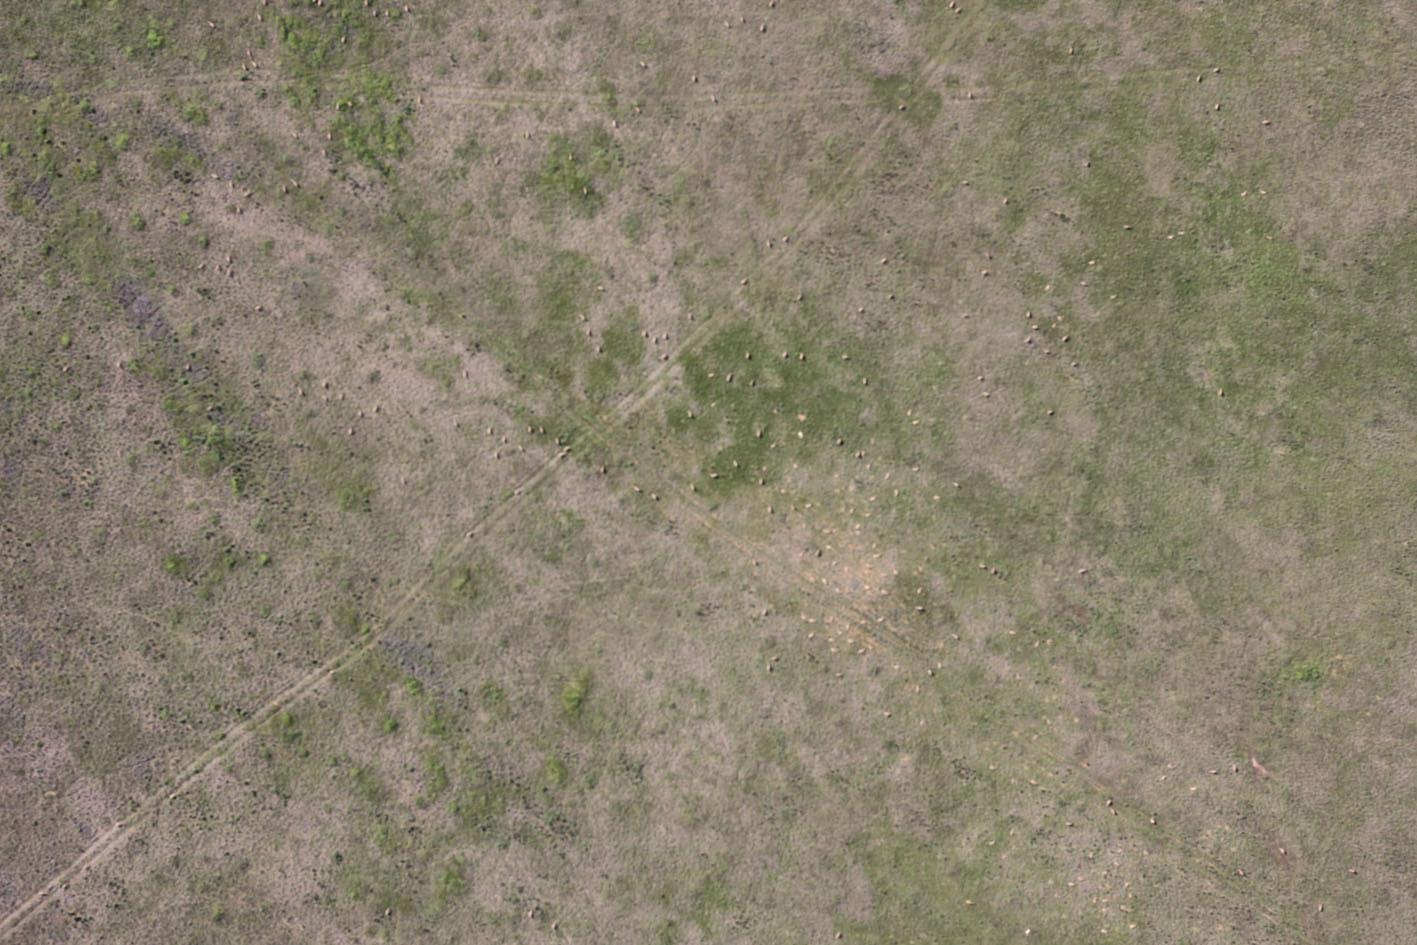 Фото, сделанные во время учетов сайгаков с беспилотного летательного аппарата